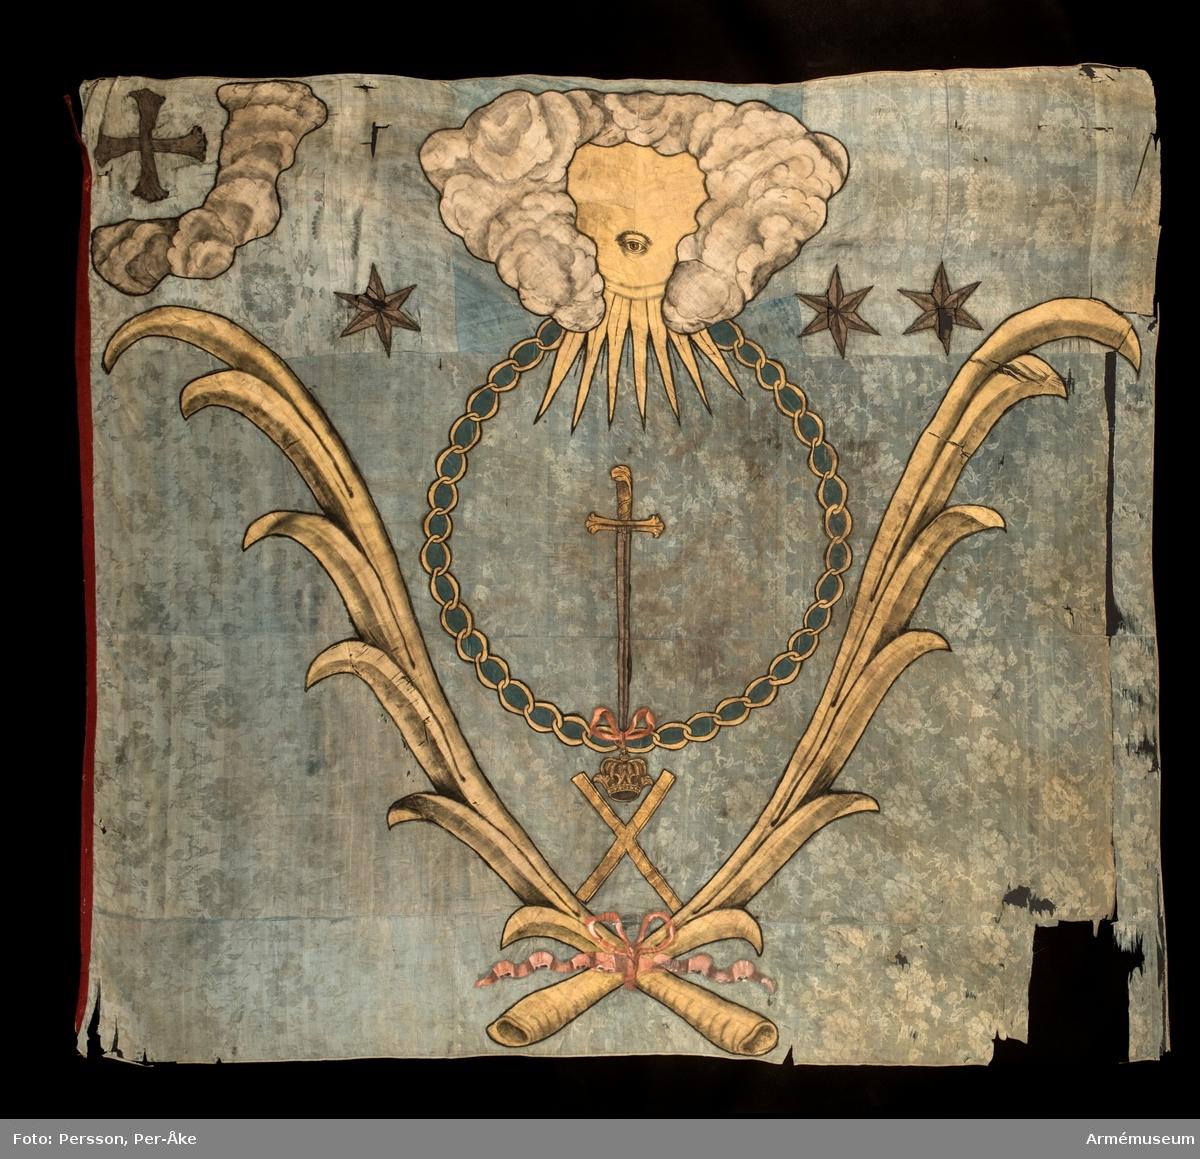 Duk av blå kinesisk sidendamast. I dukens övre del ett moln som omgärdar ett öga i ett gyllene fält. Under molnet ett svärd inom den ryska St Andreas orden i målad guldkedja. Allt inramas av palmblad i halmgul sidendräll nedtill hopknutna med rosa band. I stångsidans övre hörn ett kors inom ett moln. Tre gyllene stjärnor markerar vilket kompani fanan hör till. Strumpa av rött kläde. Stången avkortad.